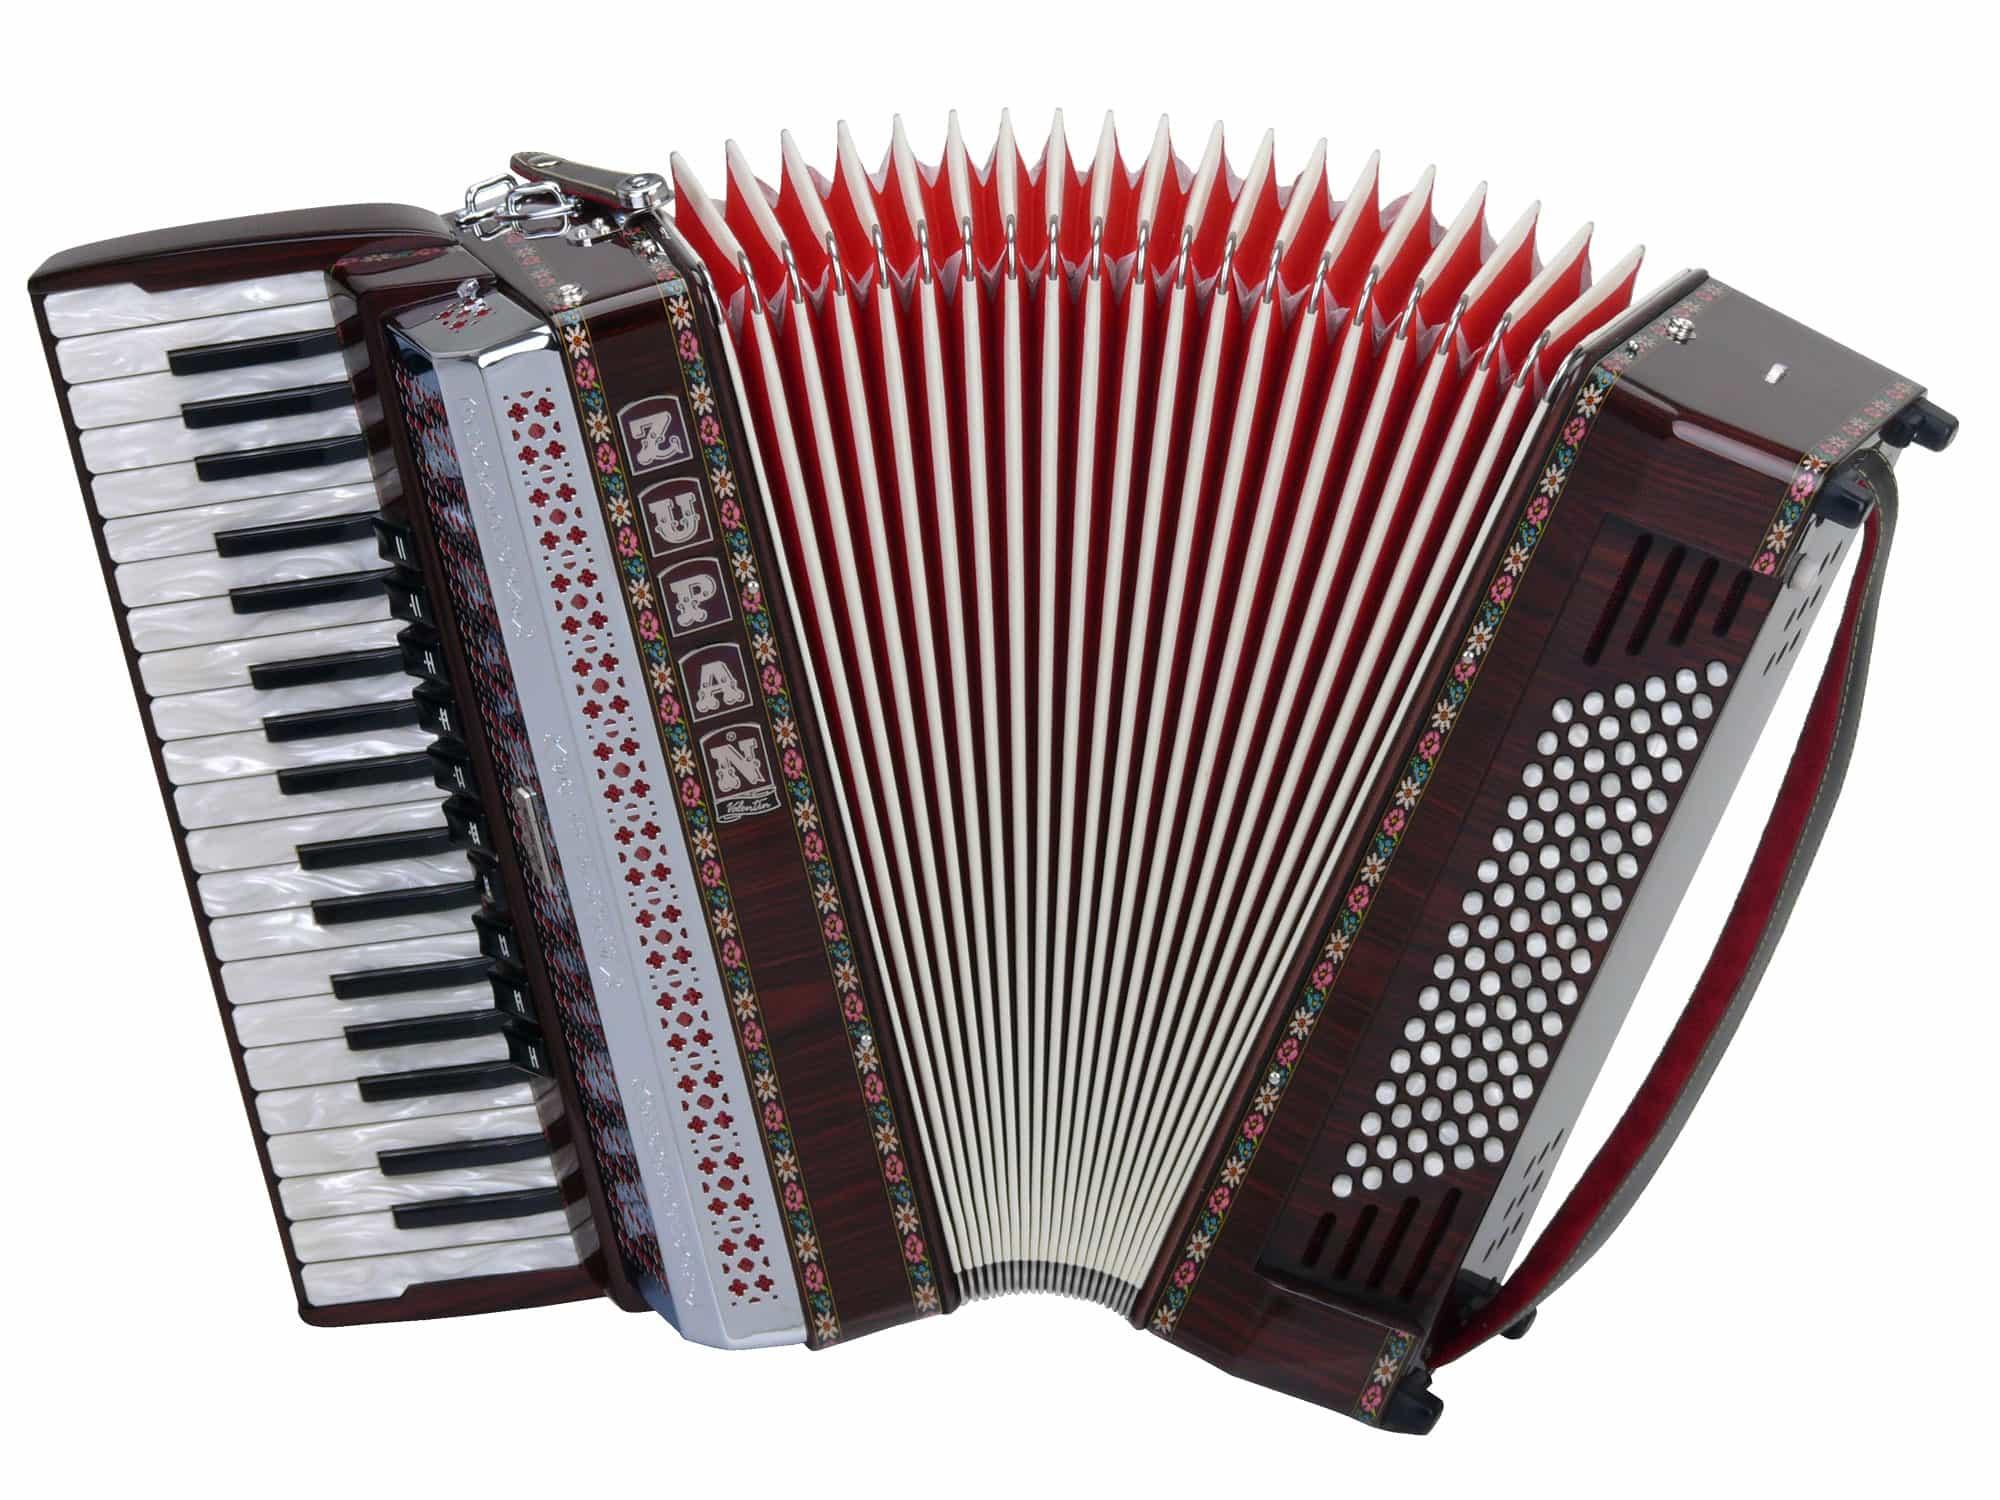 Akkordeons - Zupan Alpe IV 96 MH Akkordeon Palisander - Onlineshop Musikhaus Kirstein